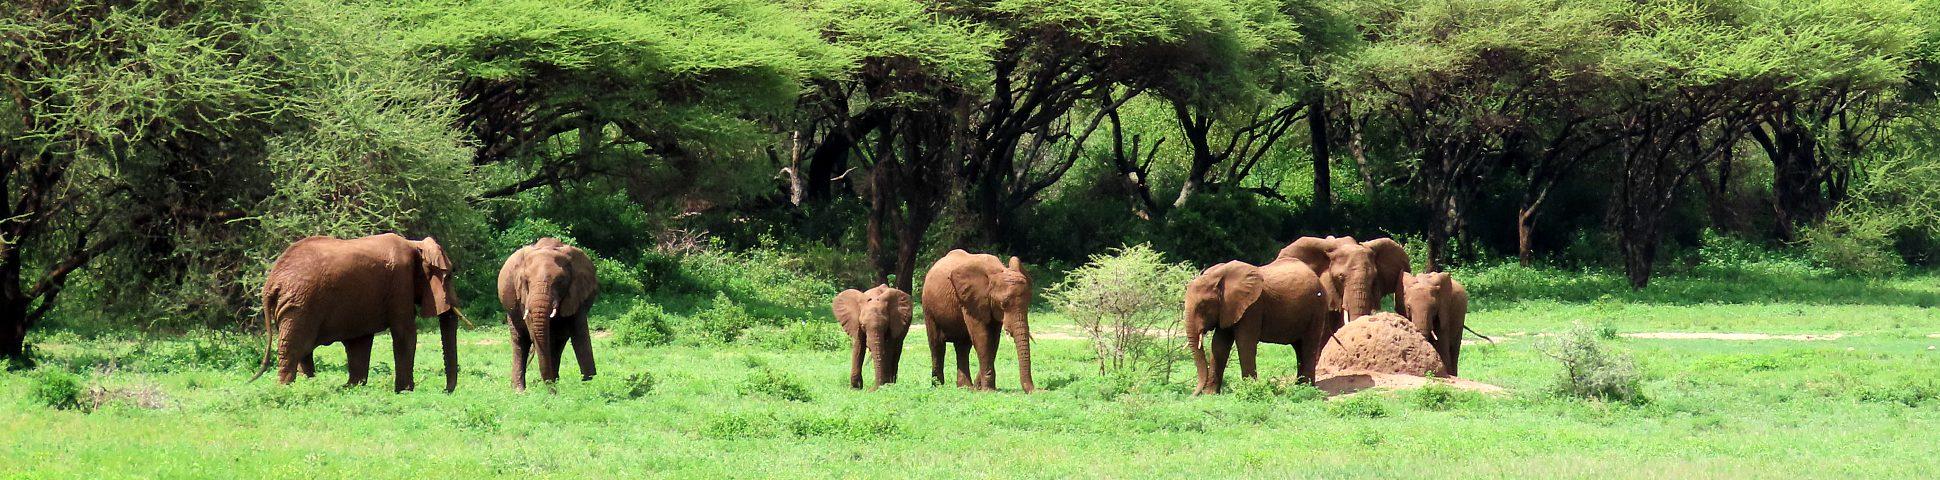 Ngorongoro in Tanzania